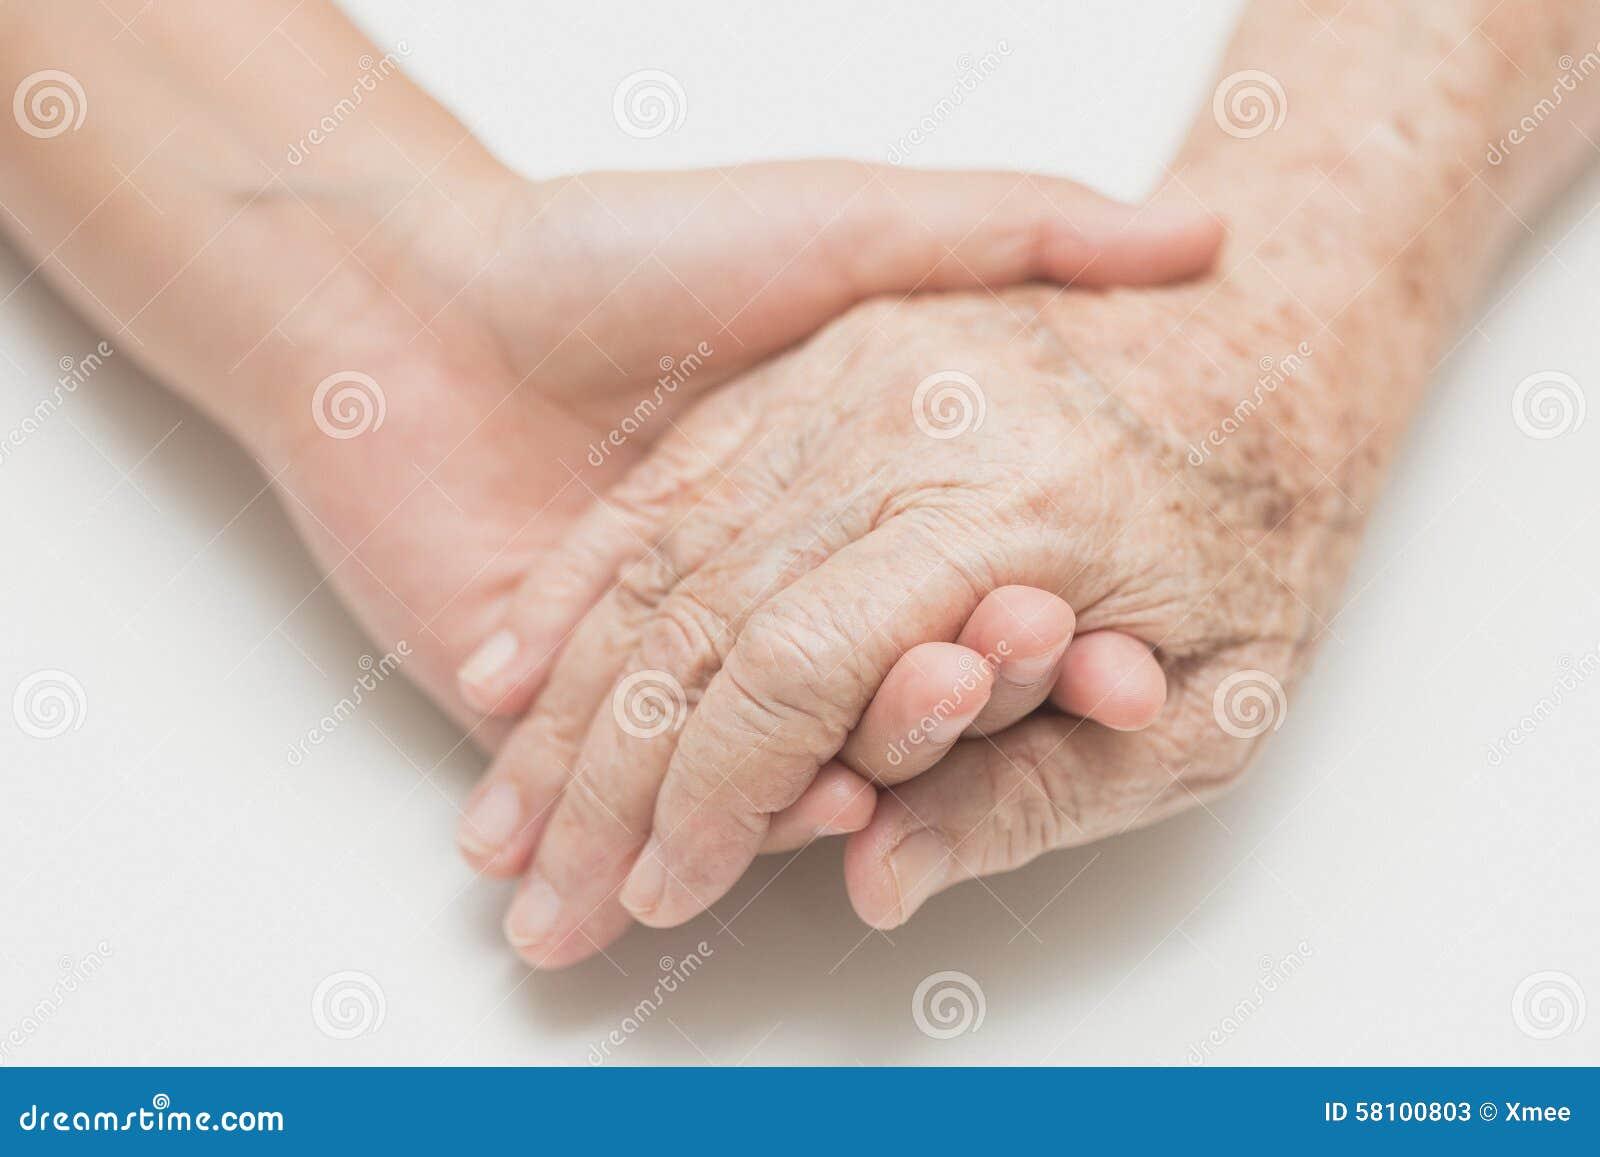 Aidez le concept, les coups de main pour des soins à domicile pluss âgé